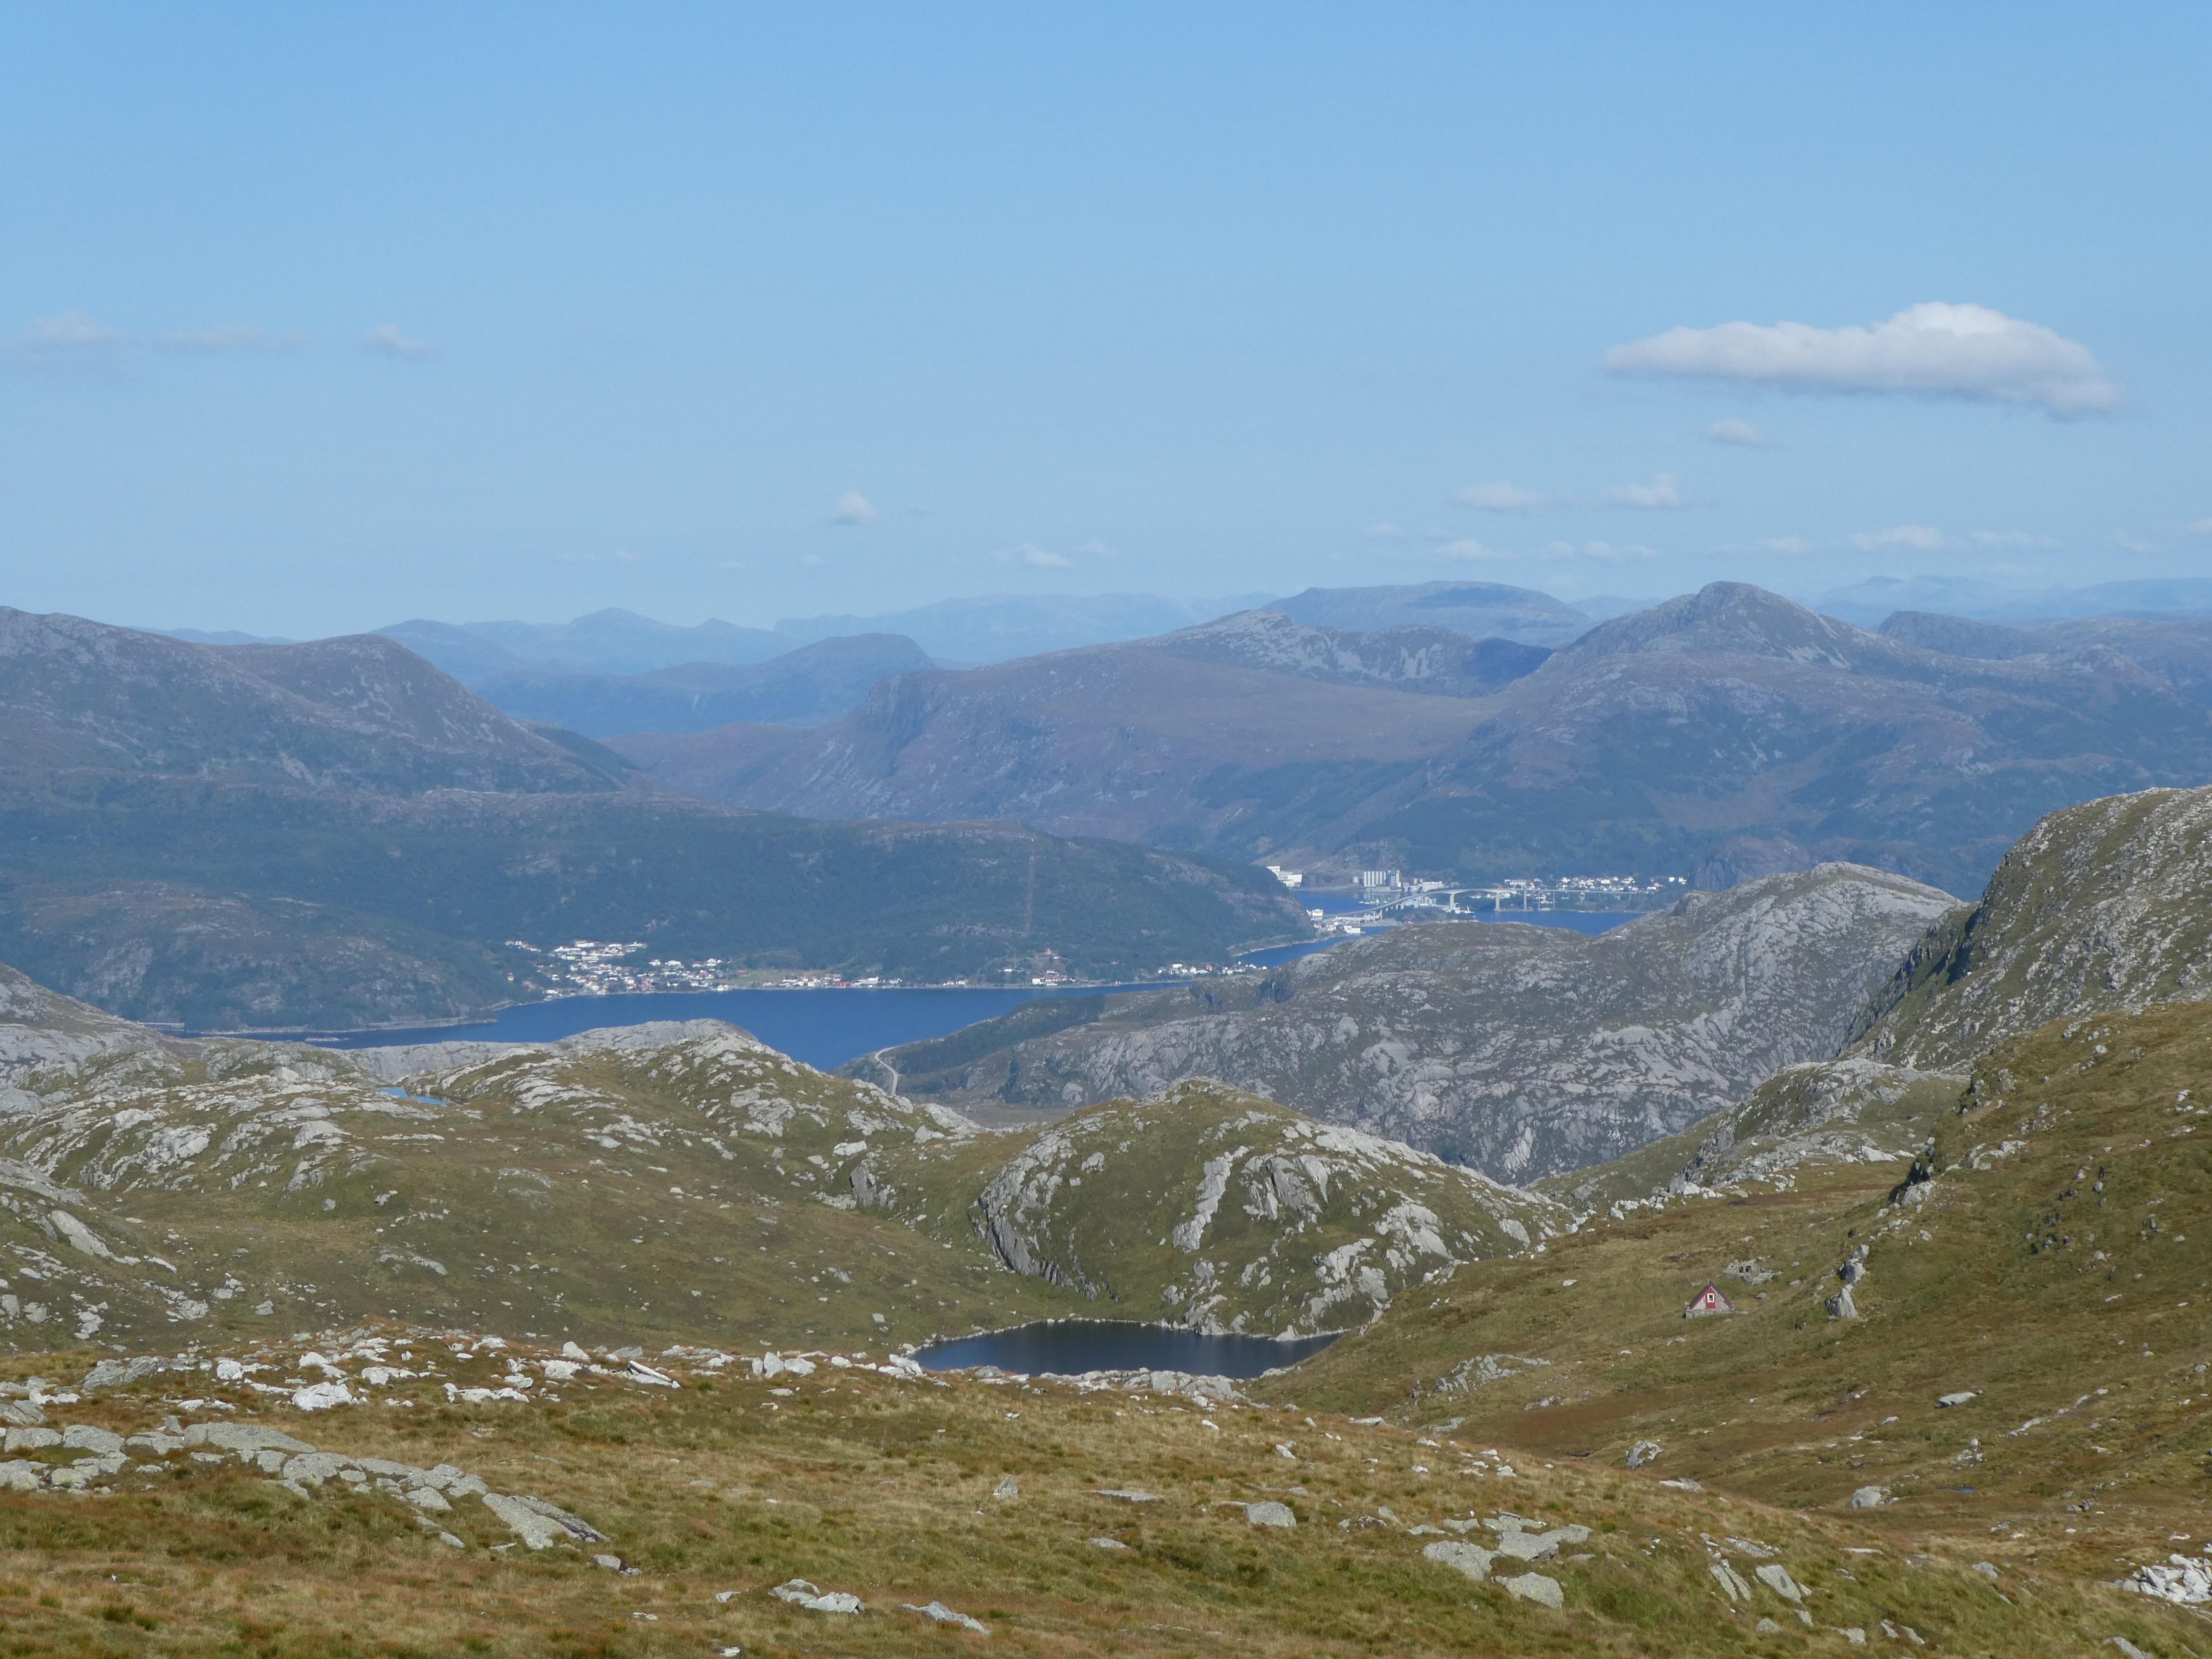 vetvika sogn og fjordane